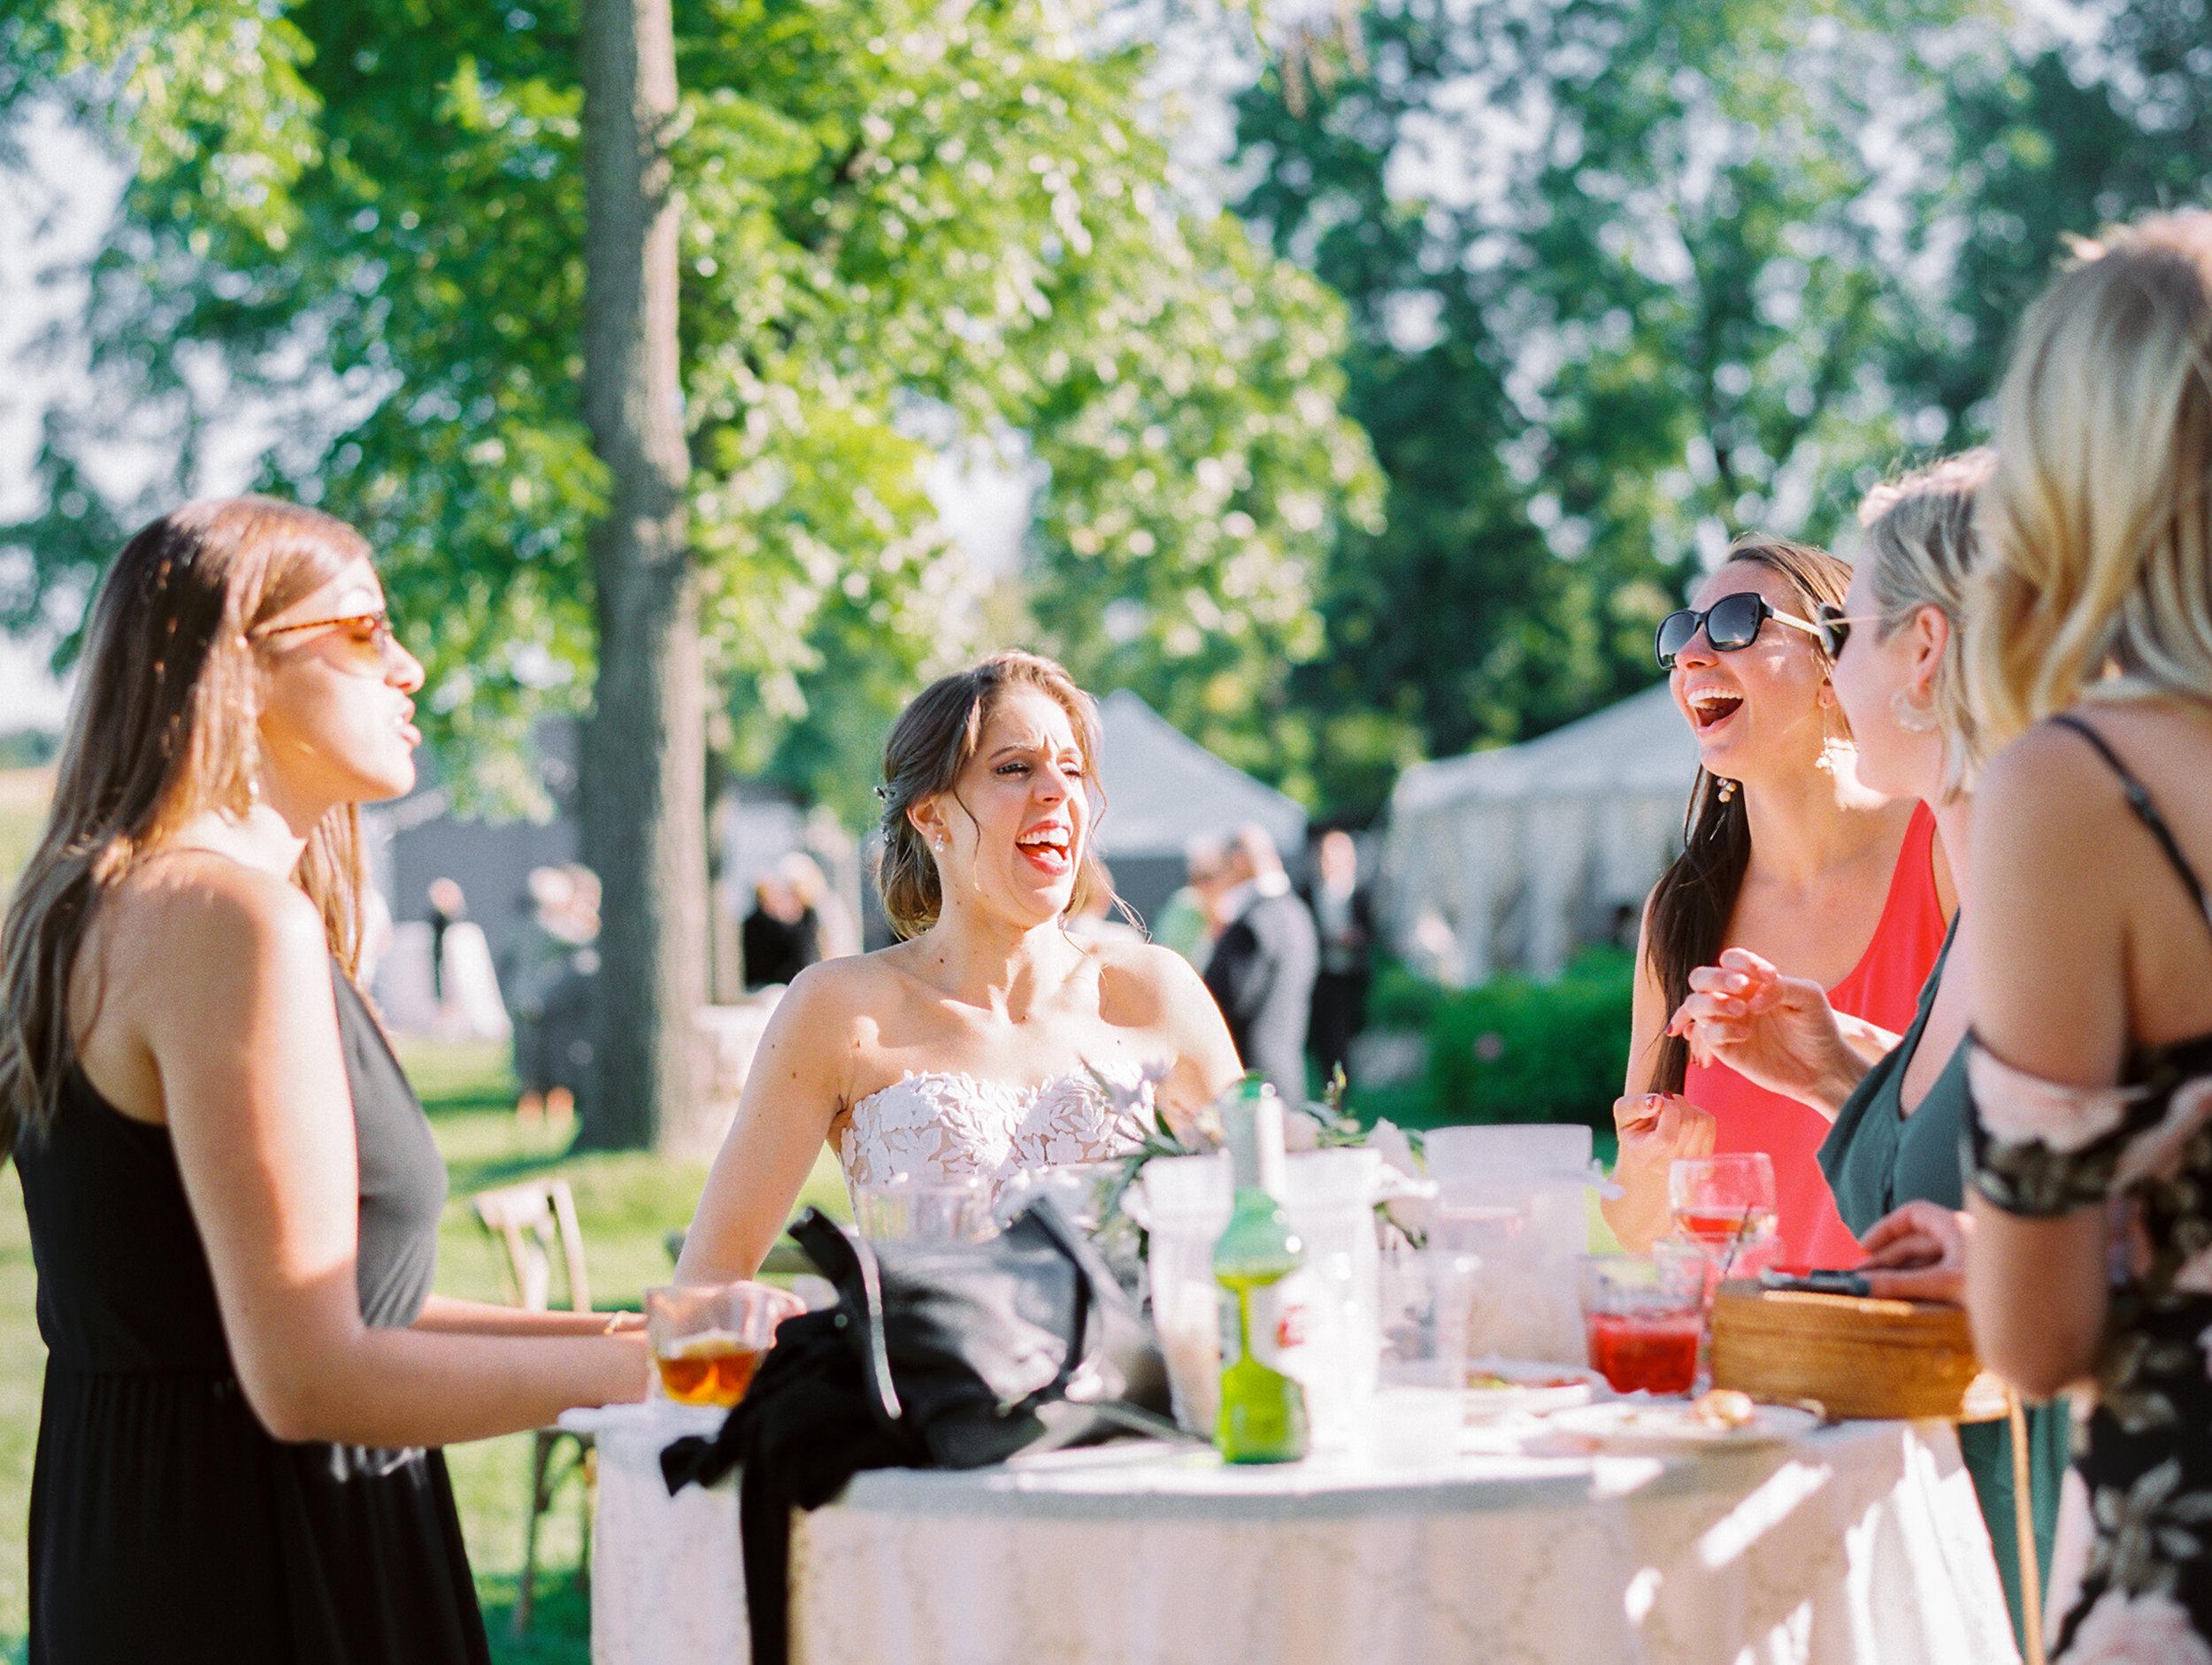 Steinlage+Wedding+Cocktail+Hour-88.jpg